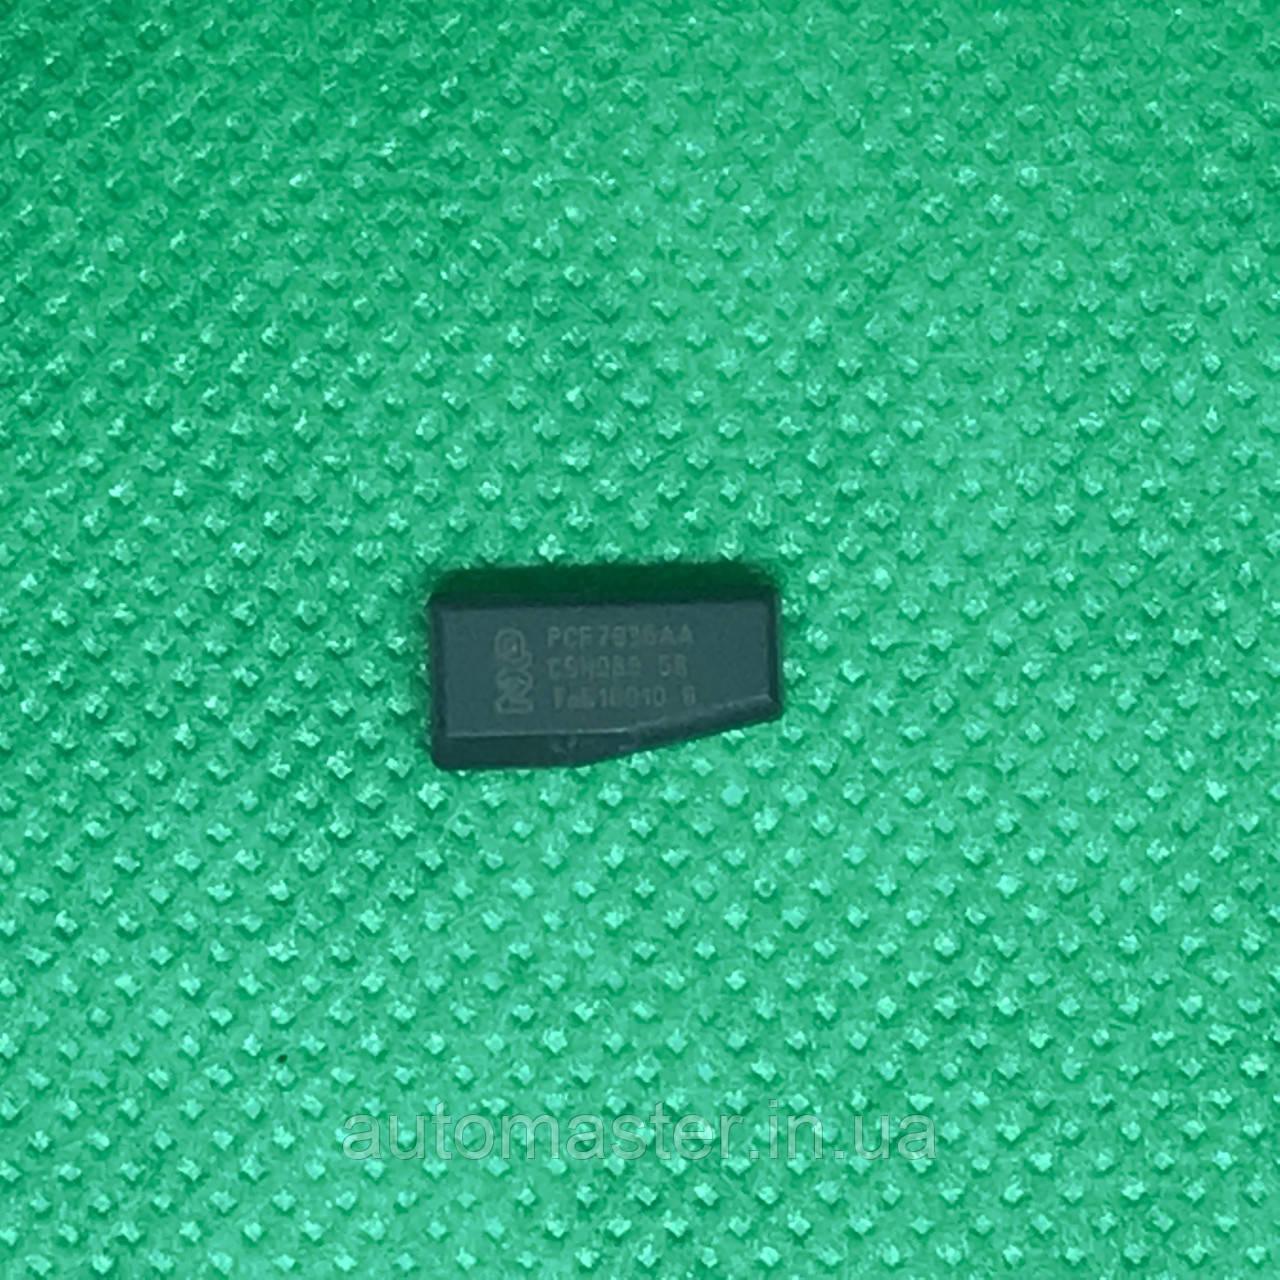 Чип транспондер ID 46 locked для Mitsubishi Митсубиши